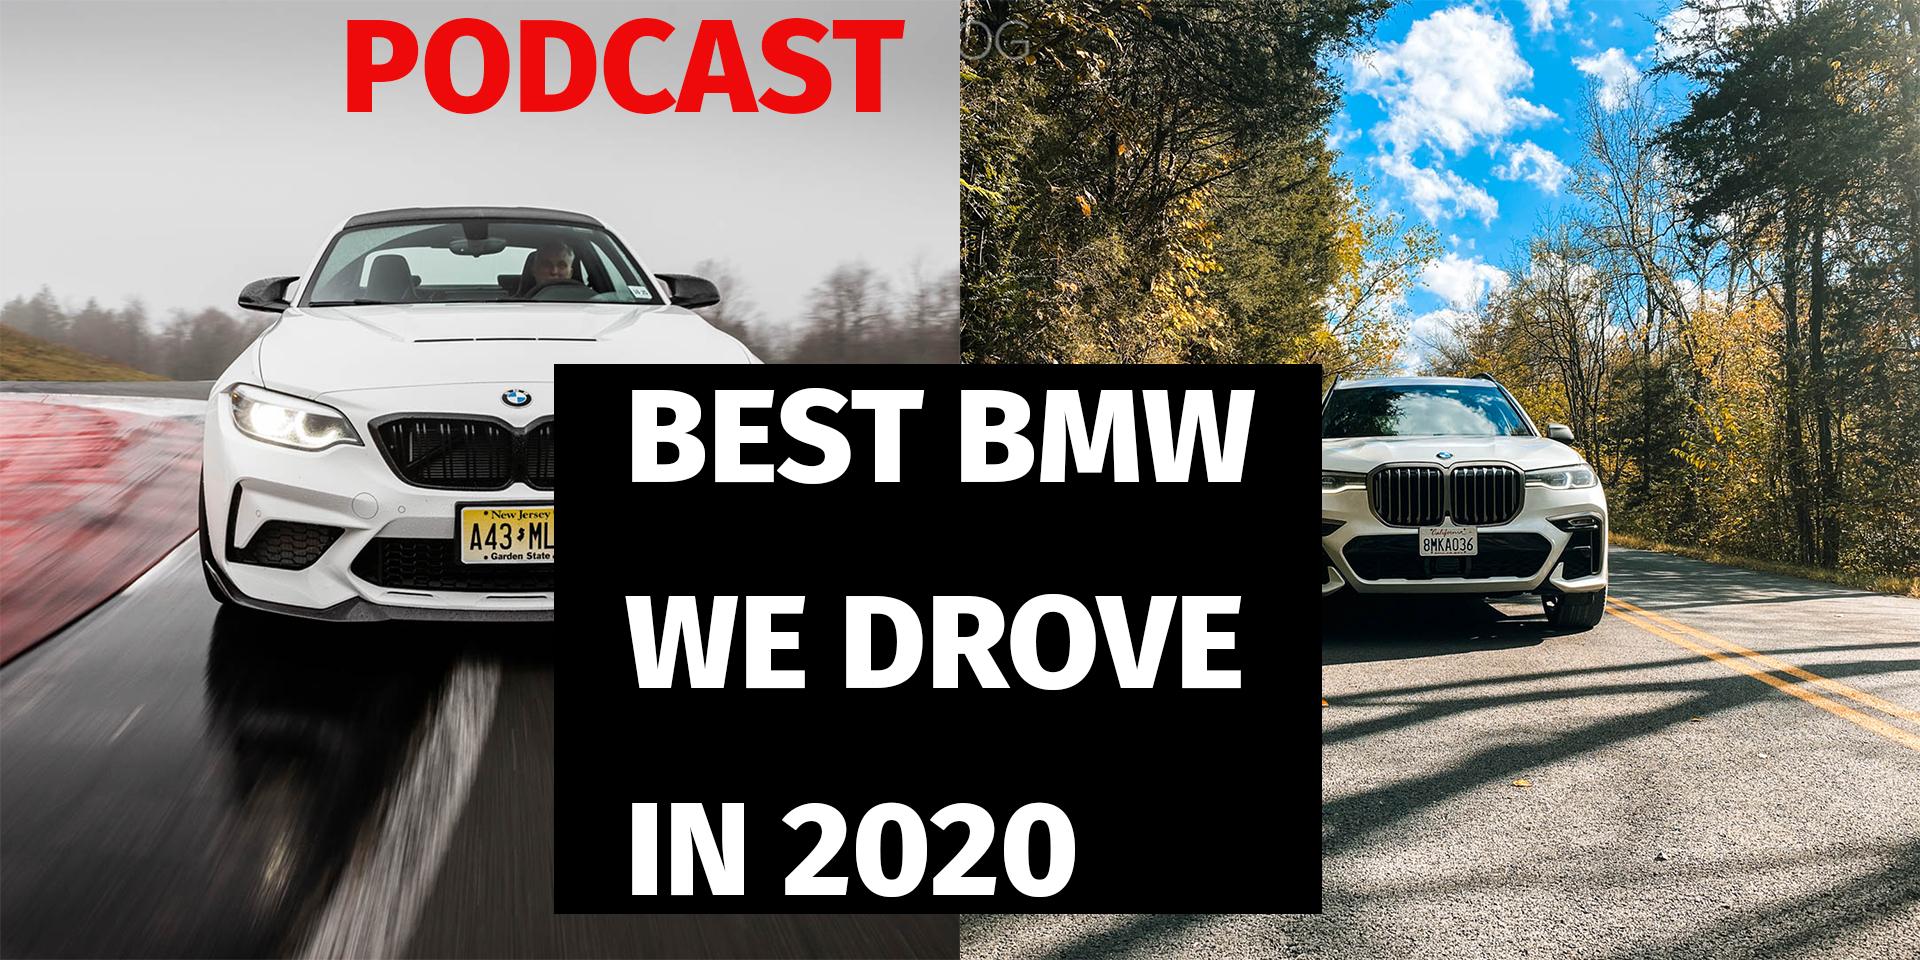 Подкаст BMWBLOG, серия 43 — Мы говорим о лучших автомобилях 2020 года и не только